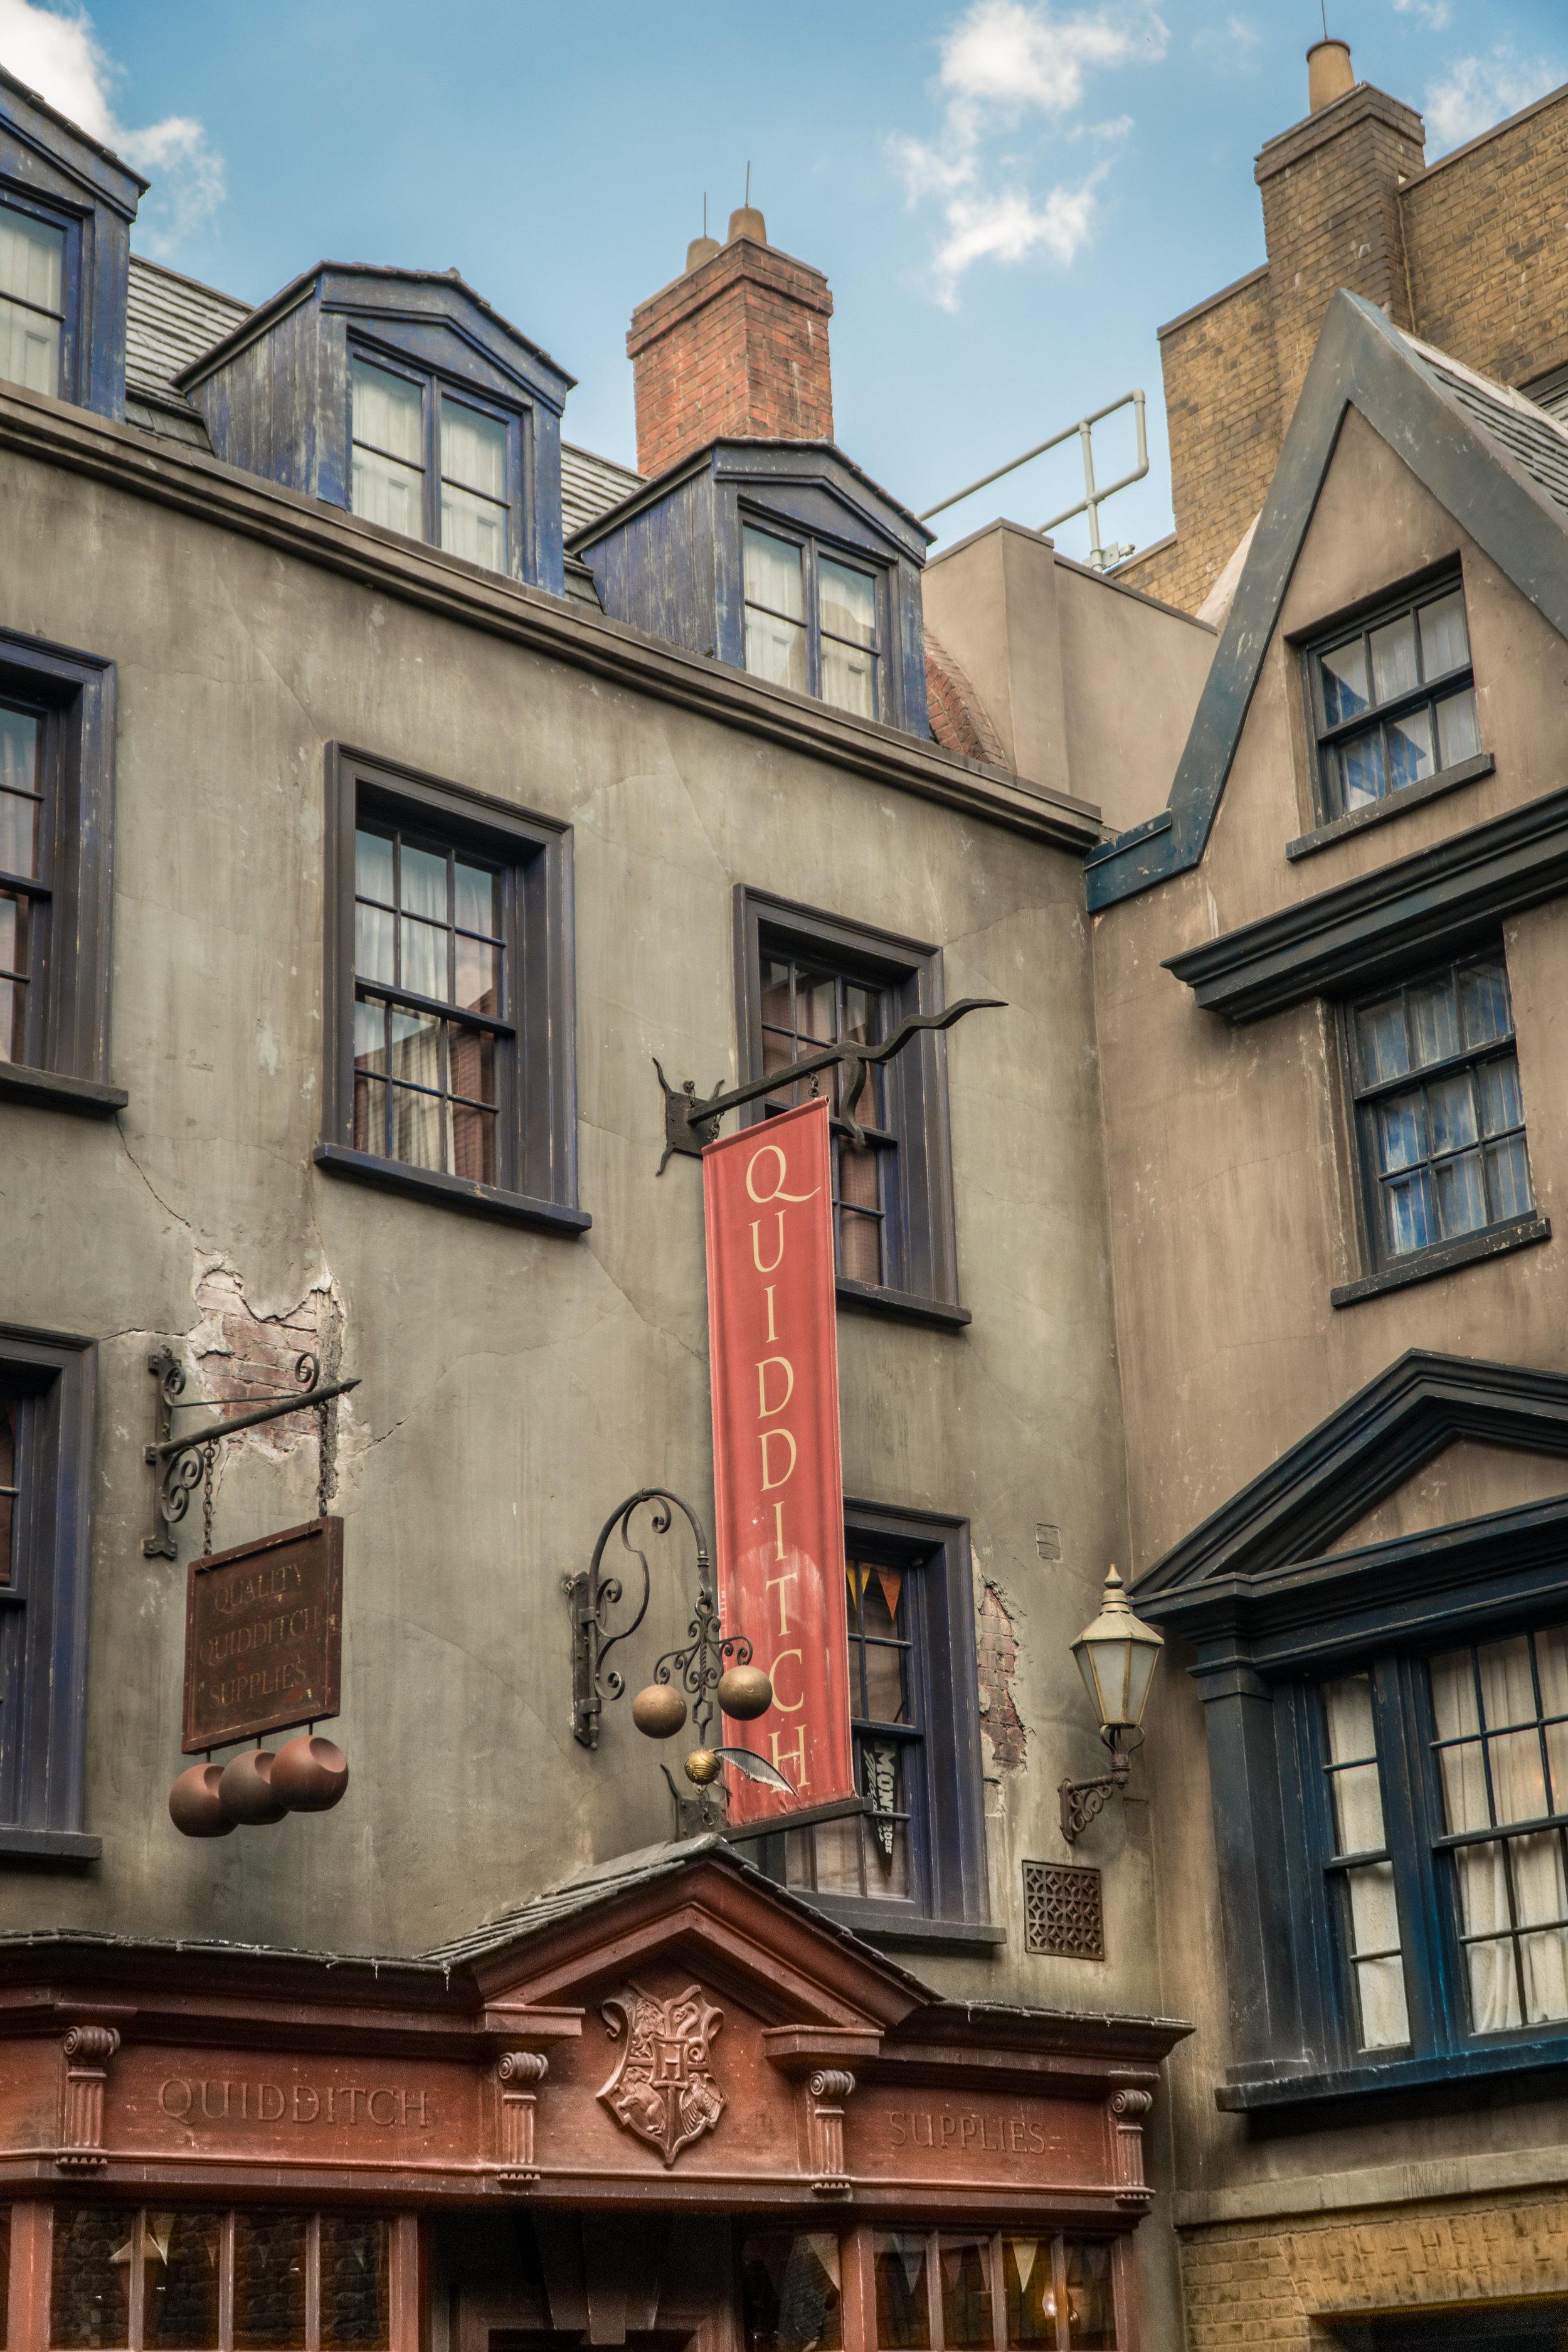 Quidditch Supplies